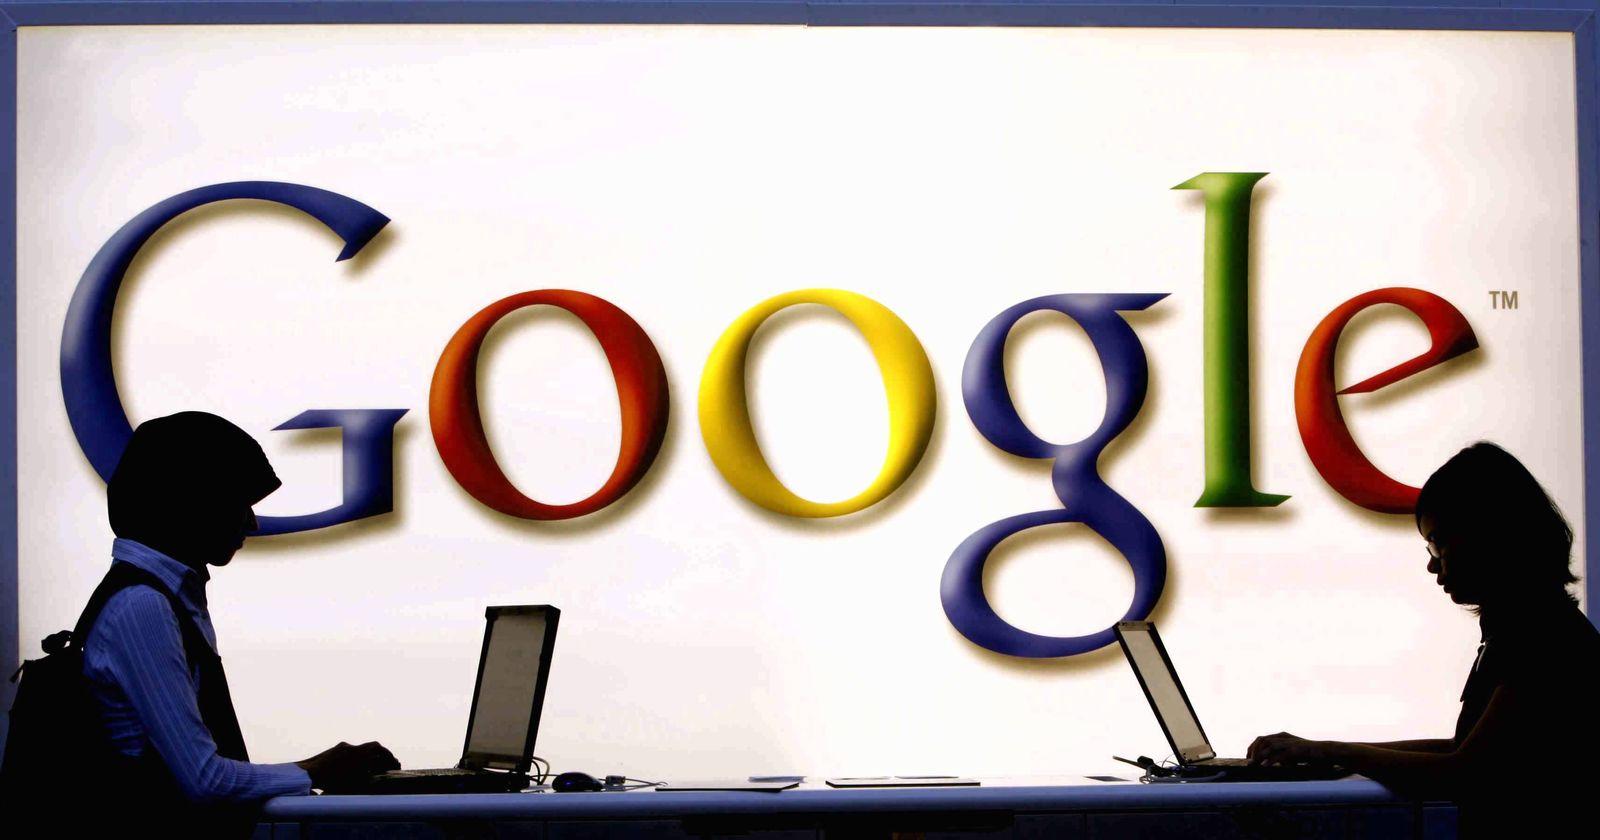 NICHT VERWENDEN Bundesjustizministerin attackiert Google